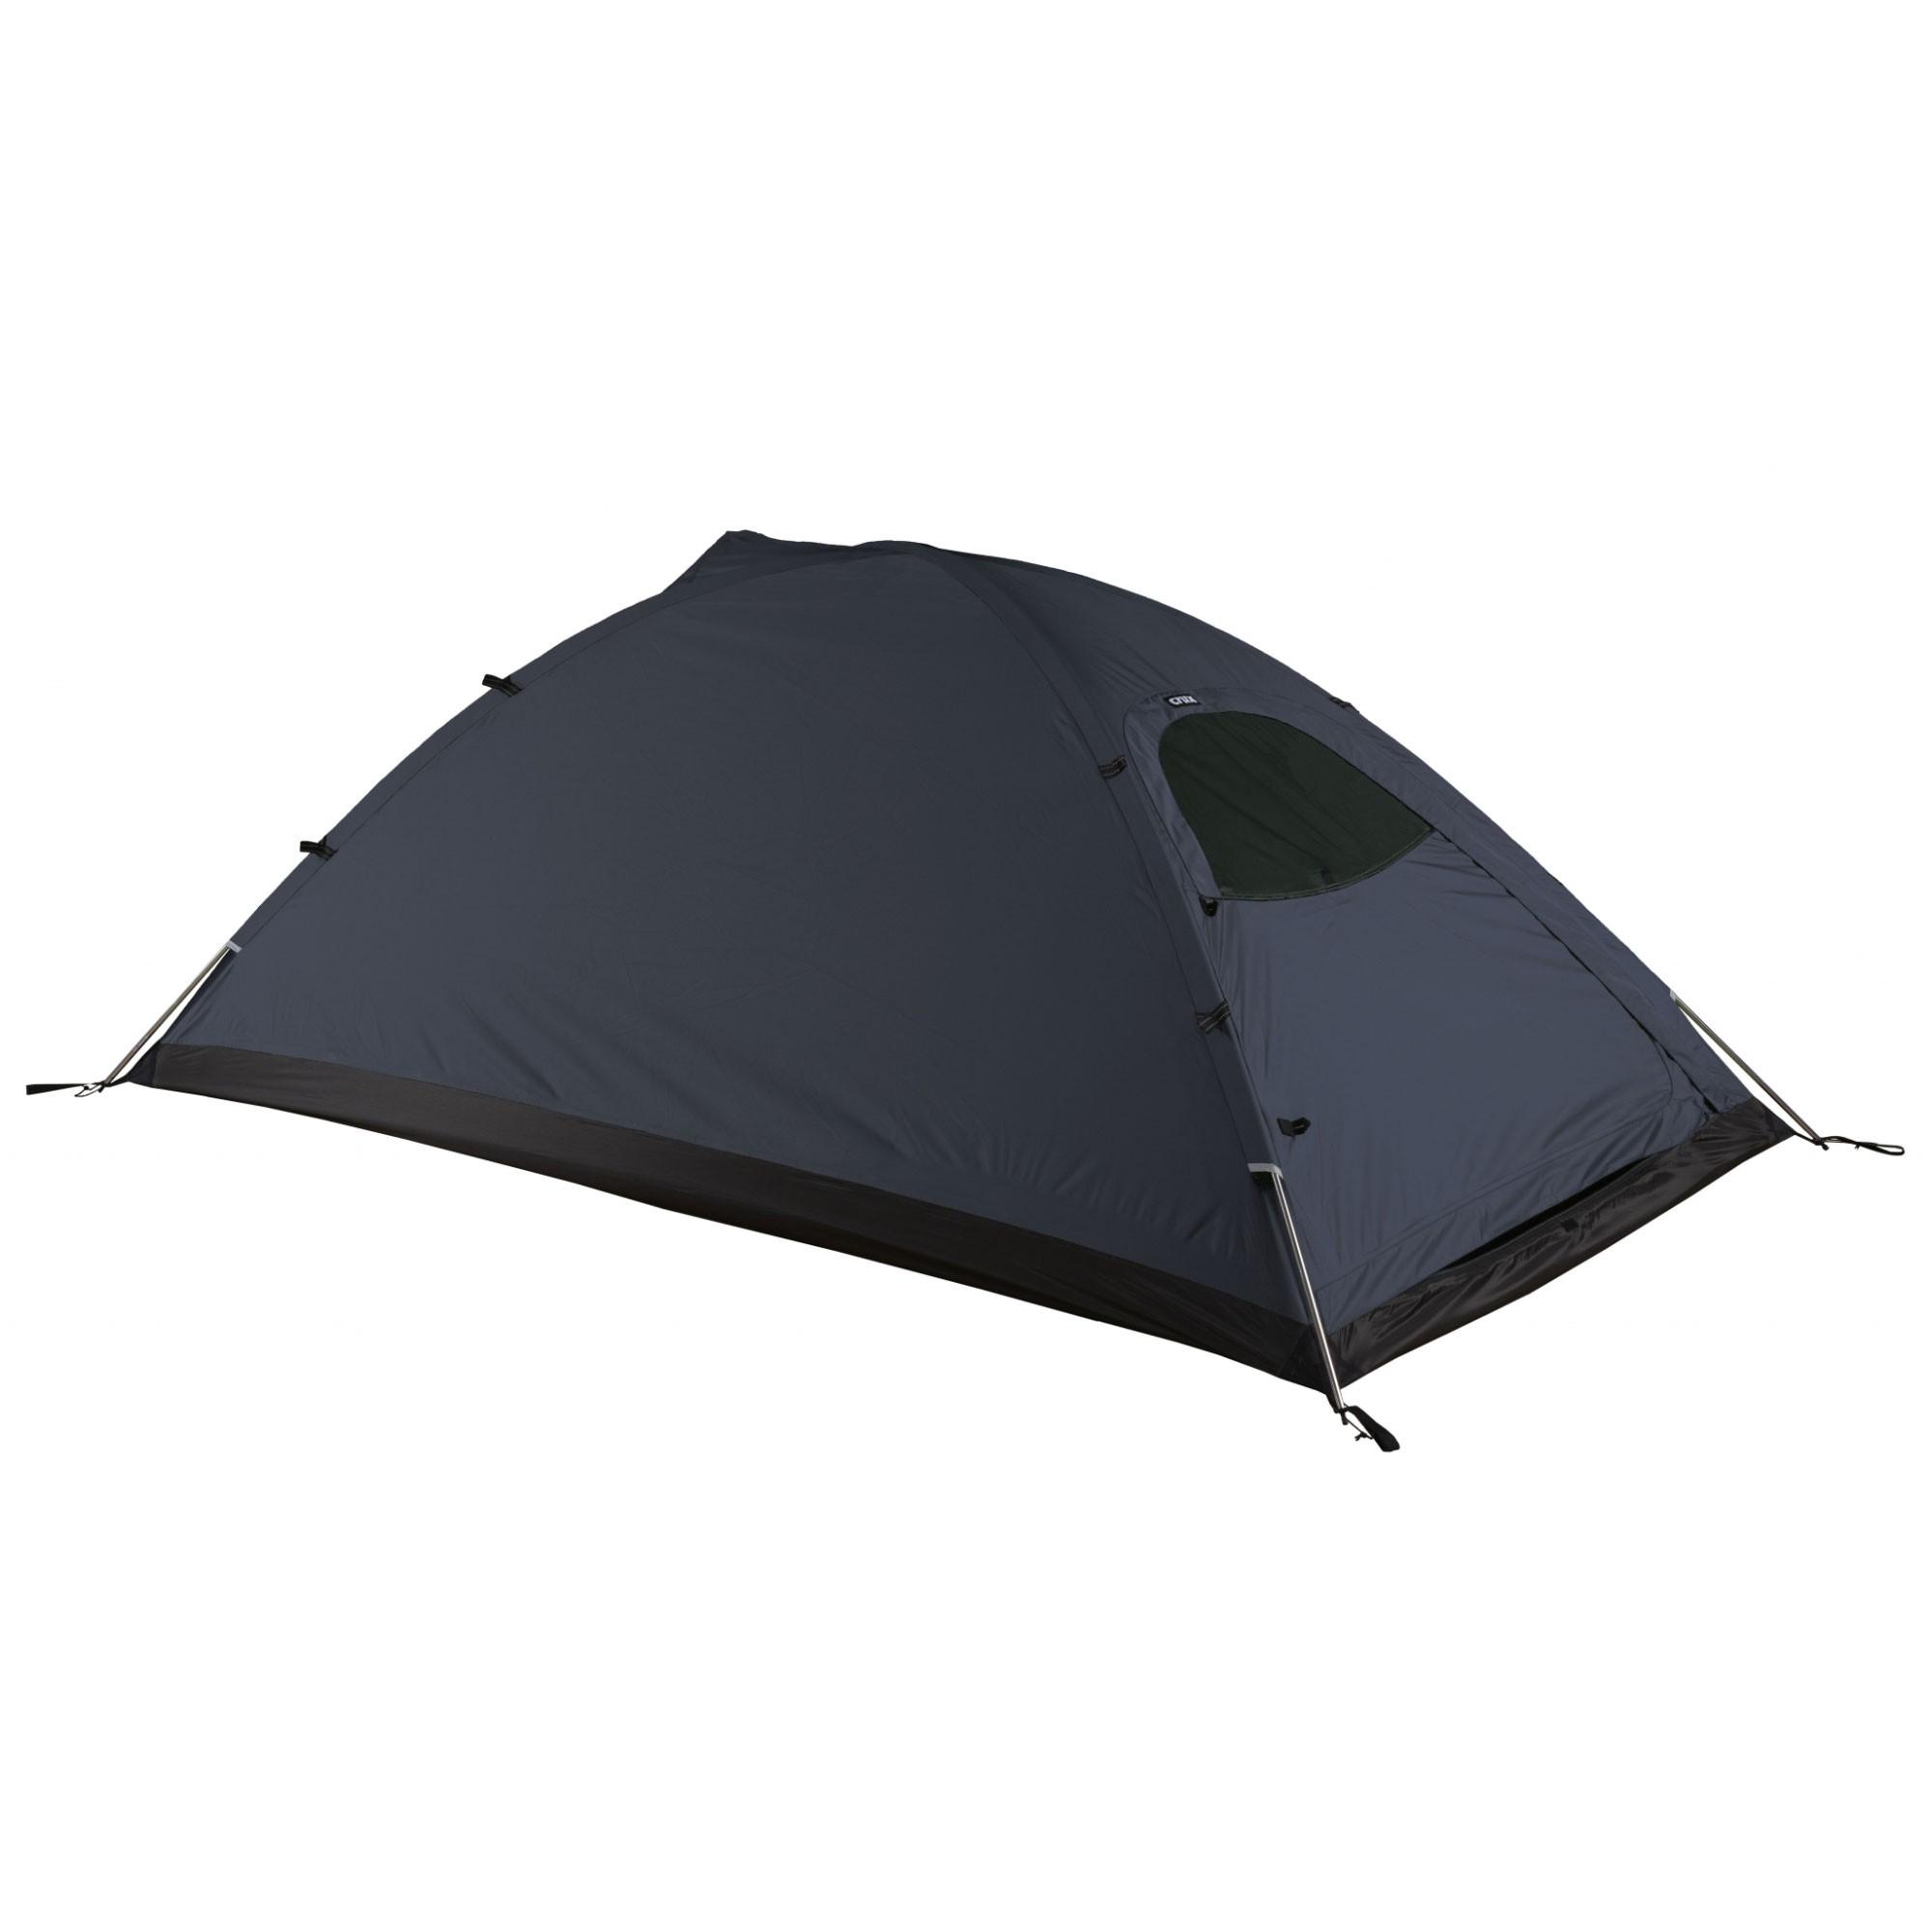 Crux X1 Raid Lightweight Tent - Black